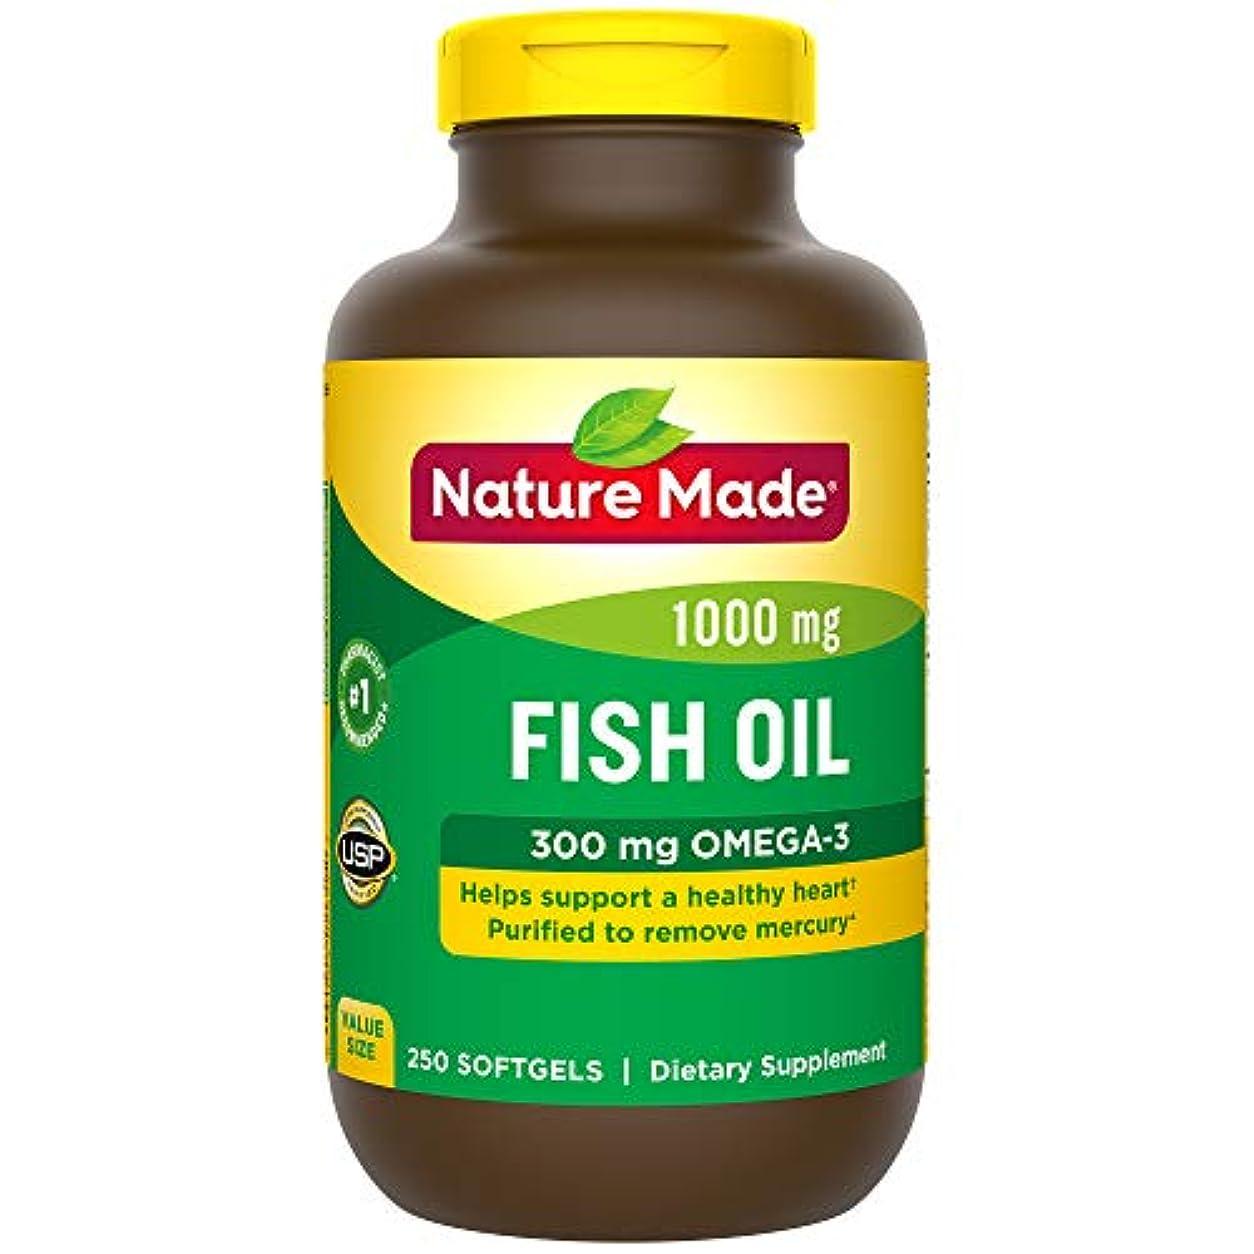 被る霧深い単なるNature Made Fish Oil 1000 Mg, Value Size, Softgels, 250-Count 海外直送品